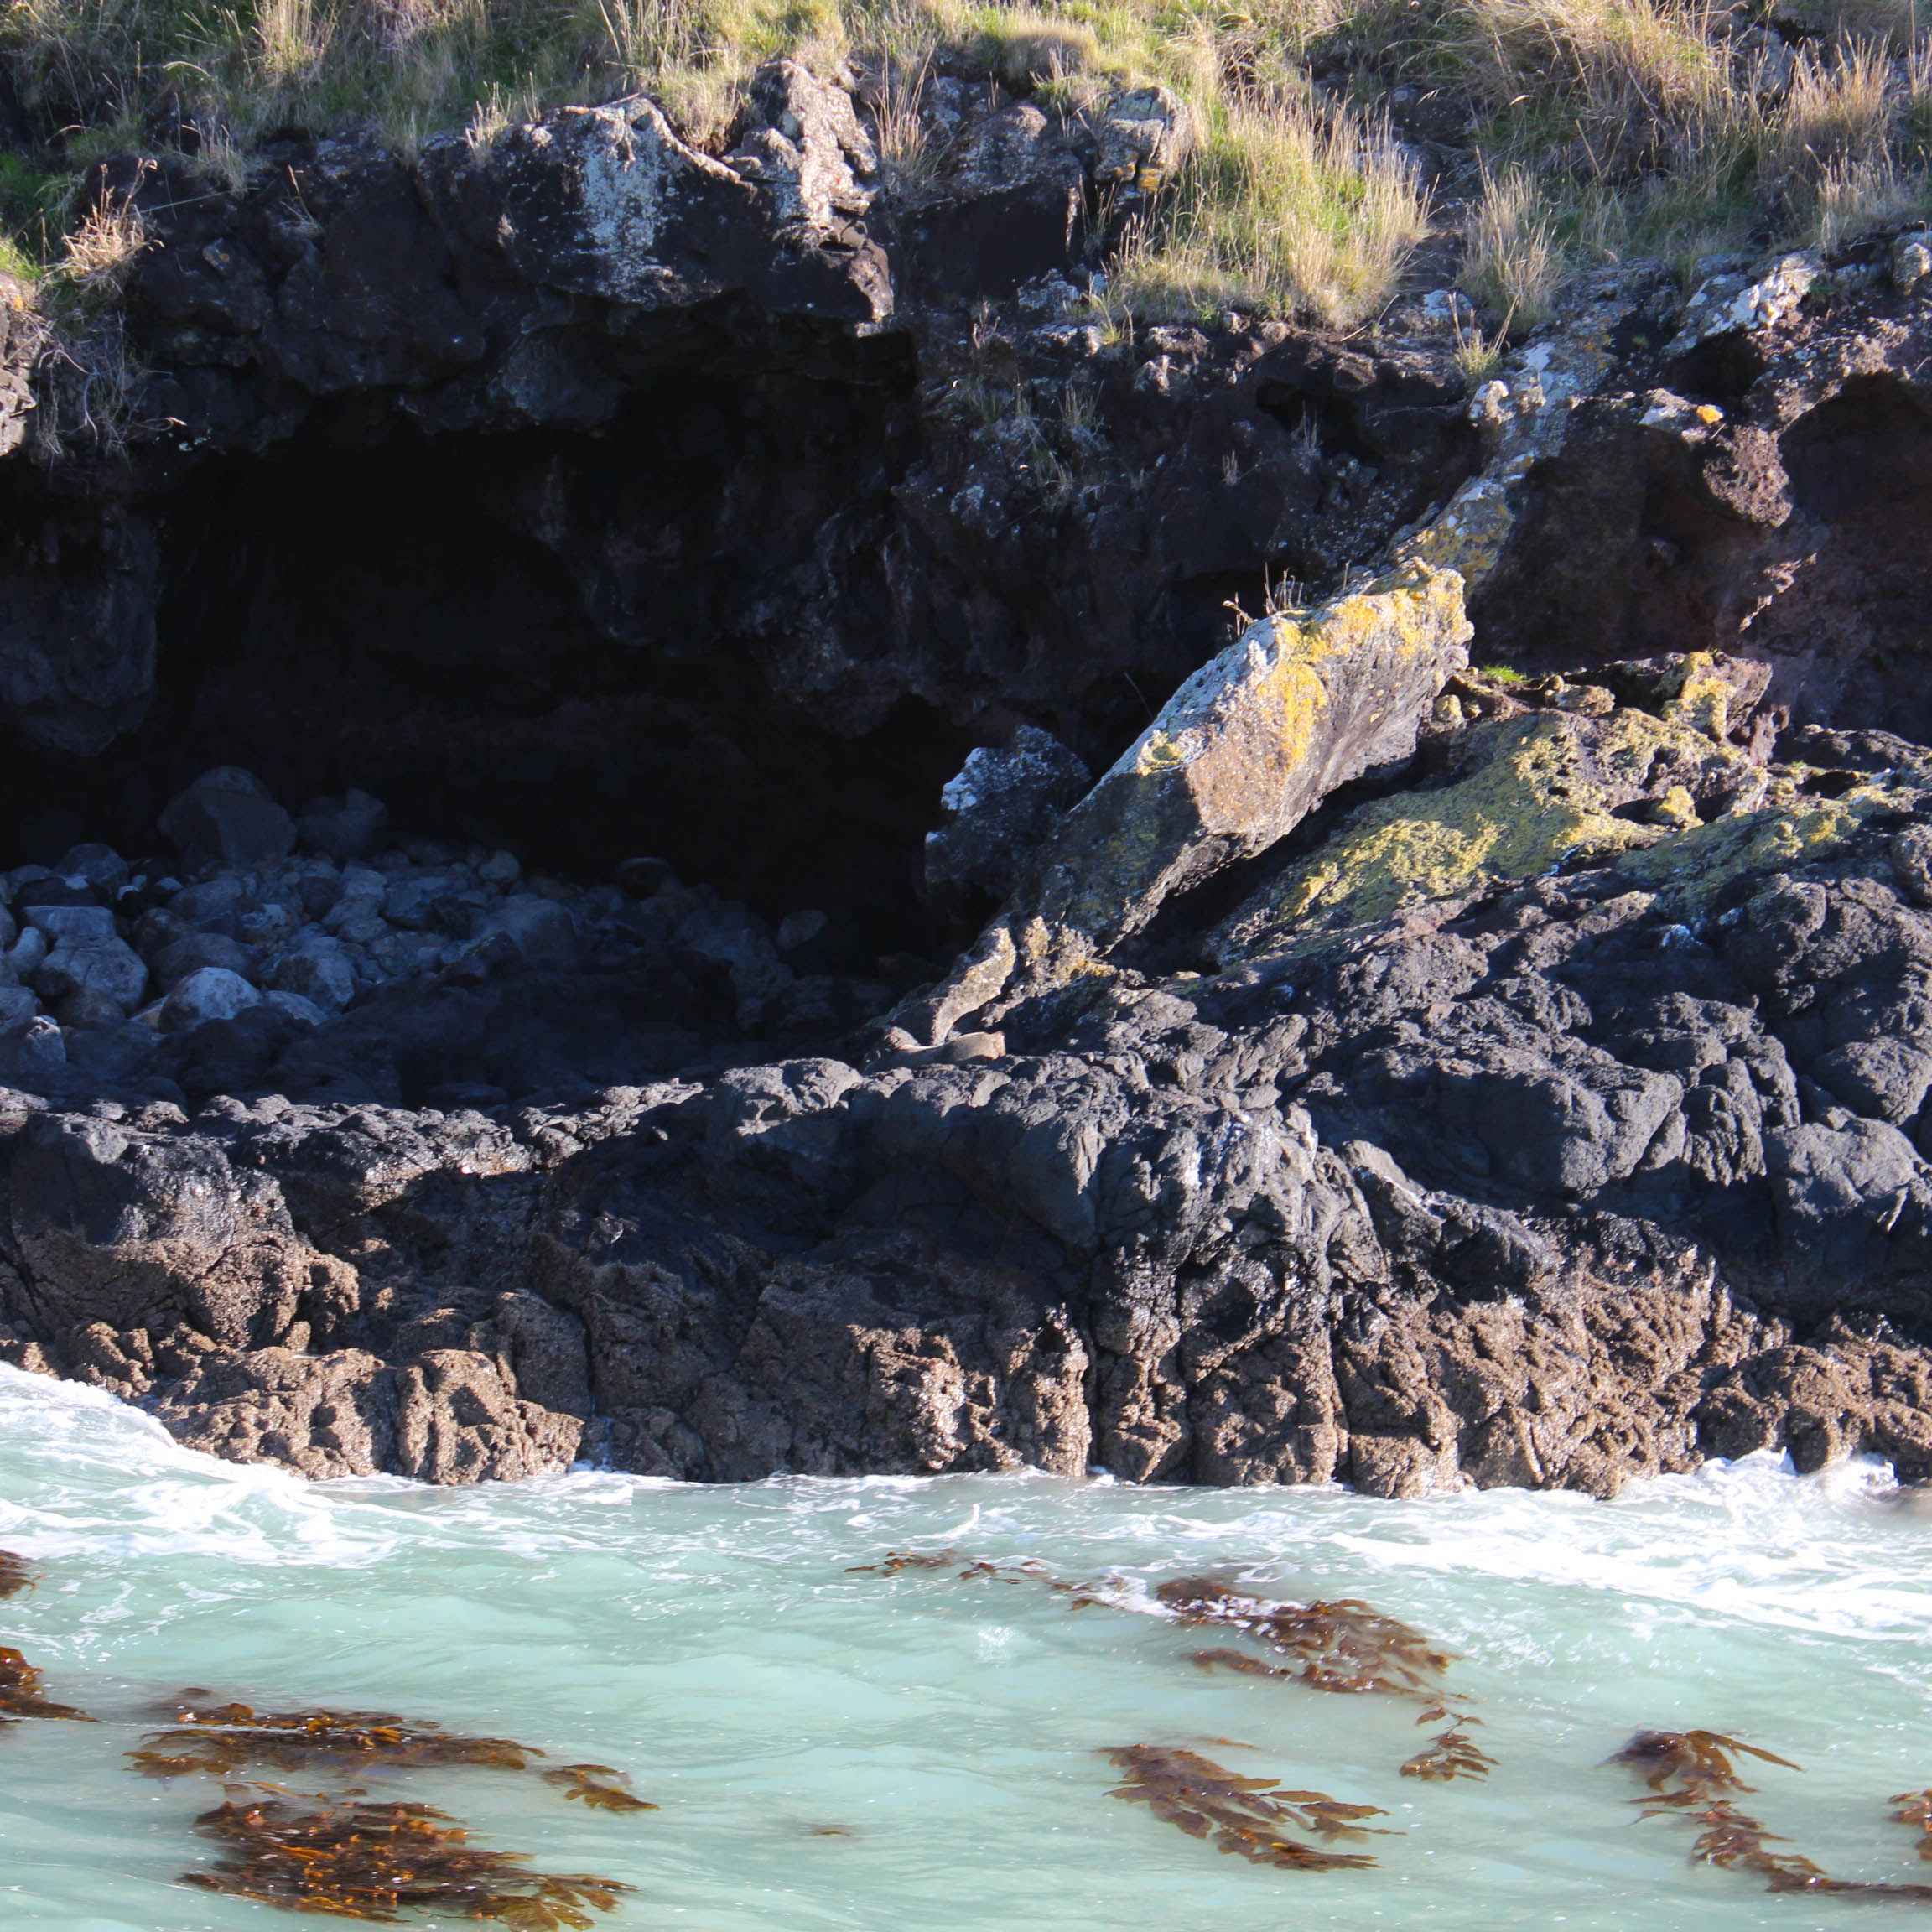 Nouvelle Zélande - Arthur's pass & Akaroa - les lubies de louise (34 sur 46)